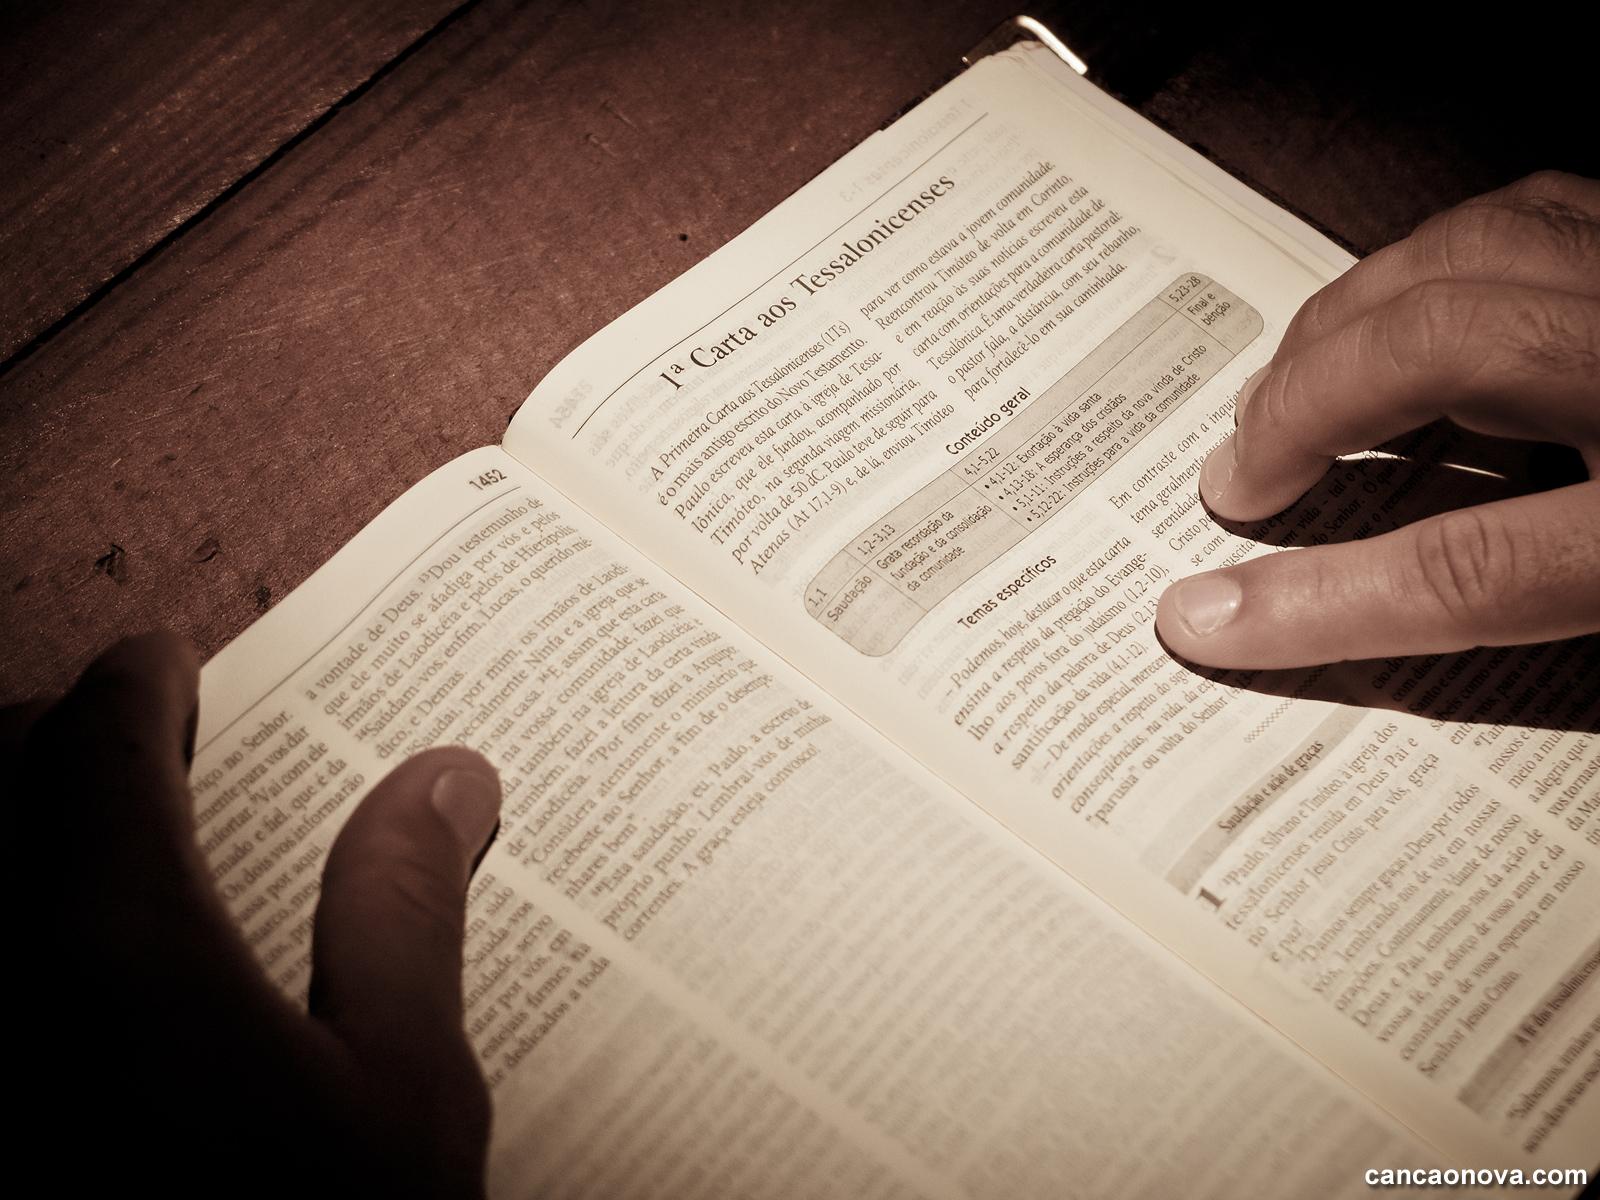 Tres Frases Que Lembram Conteudos Morais